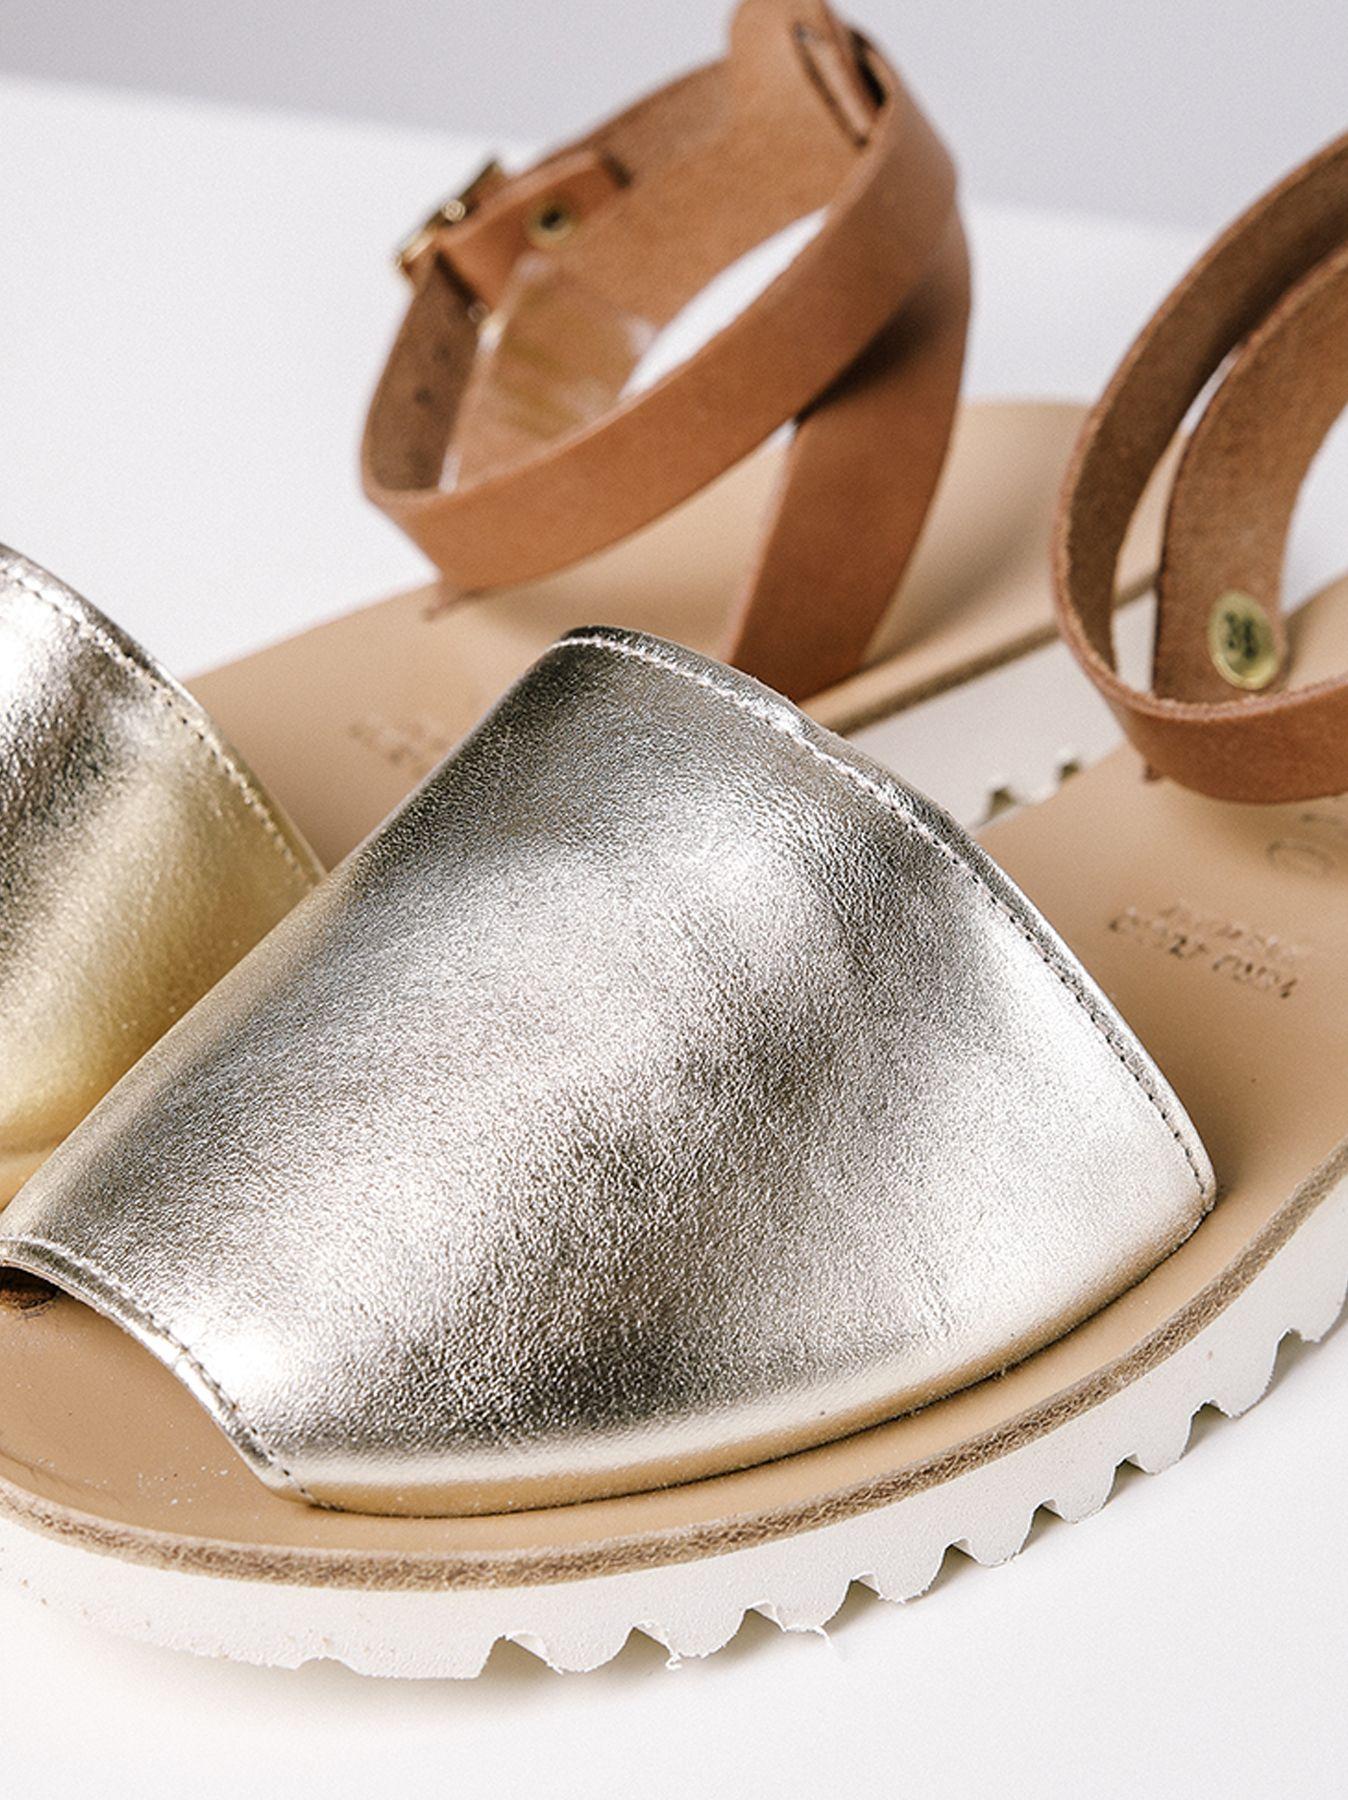 Sandalo modello maiorchina con tomaia dorata